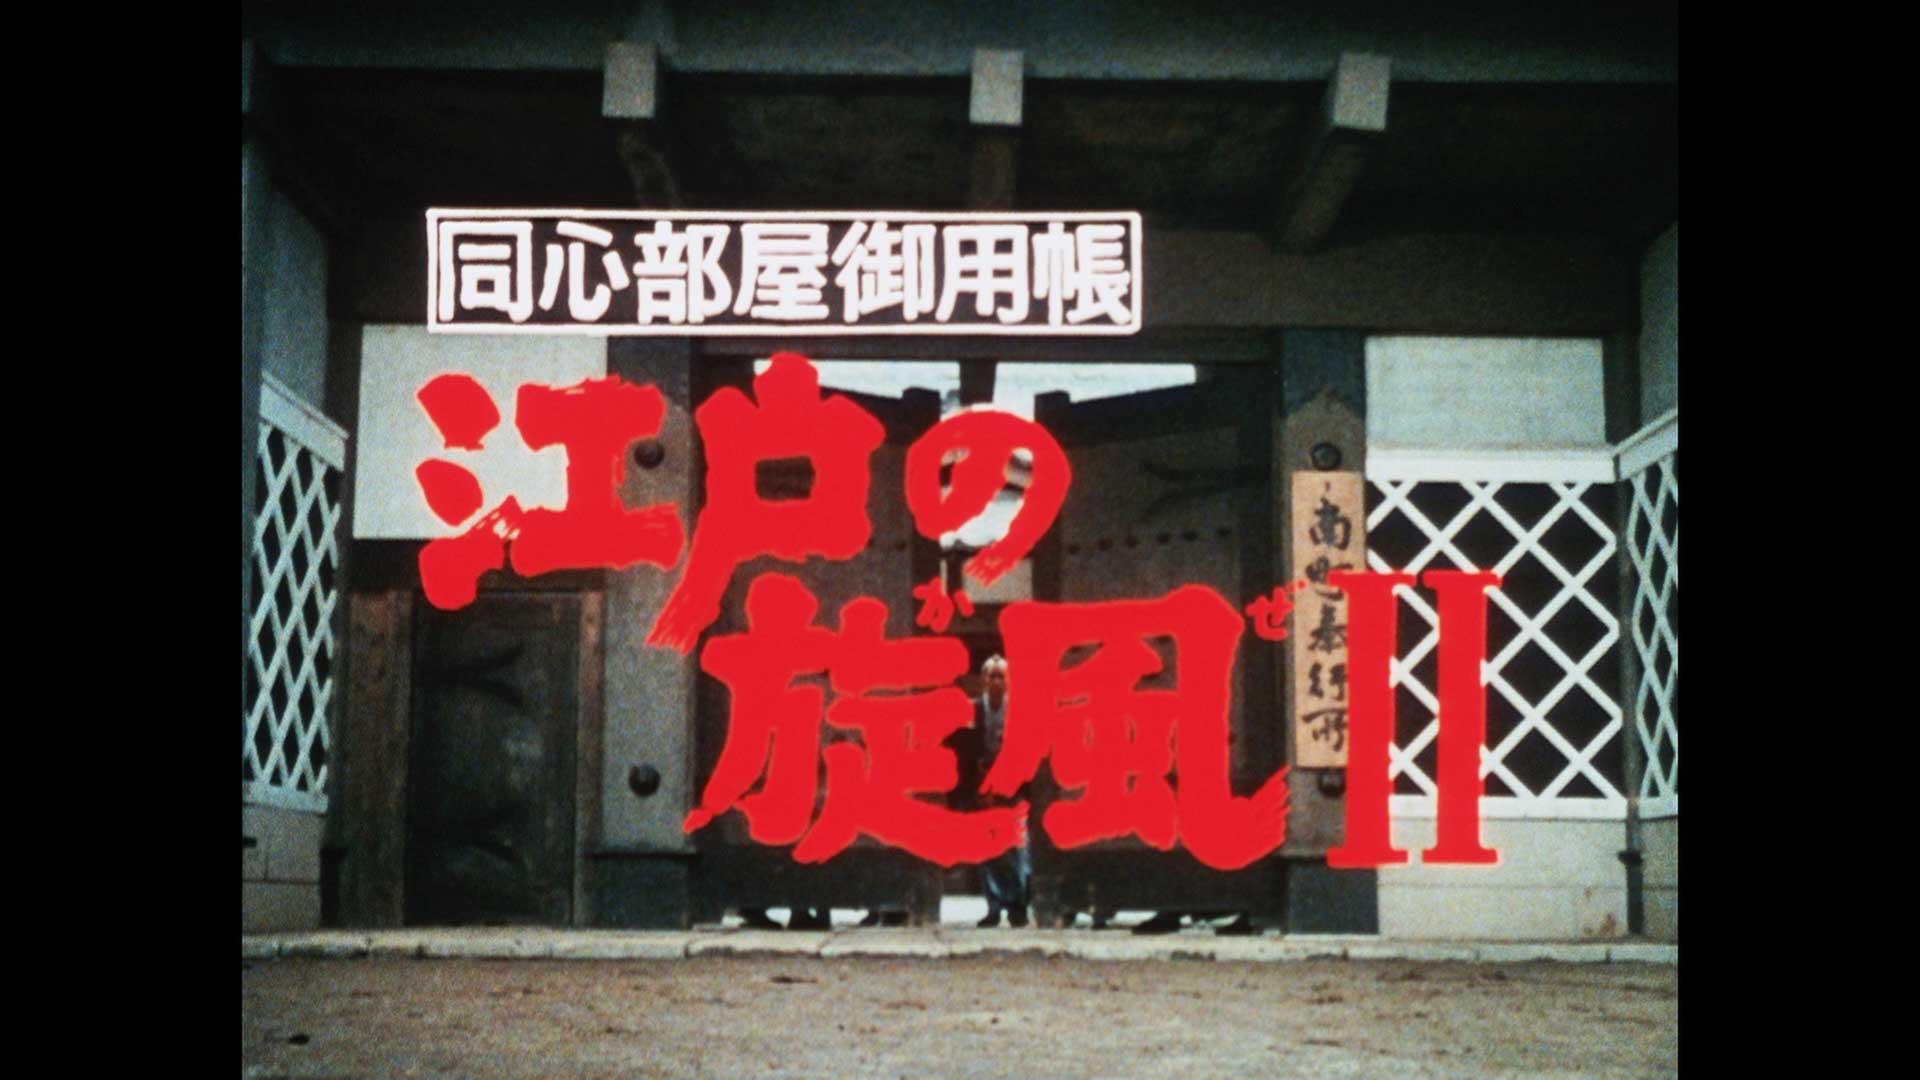 江戸の旋風Ⅱ